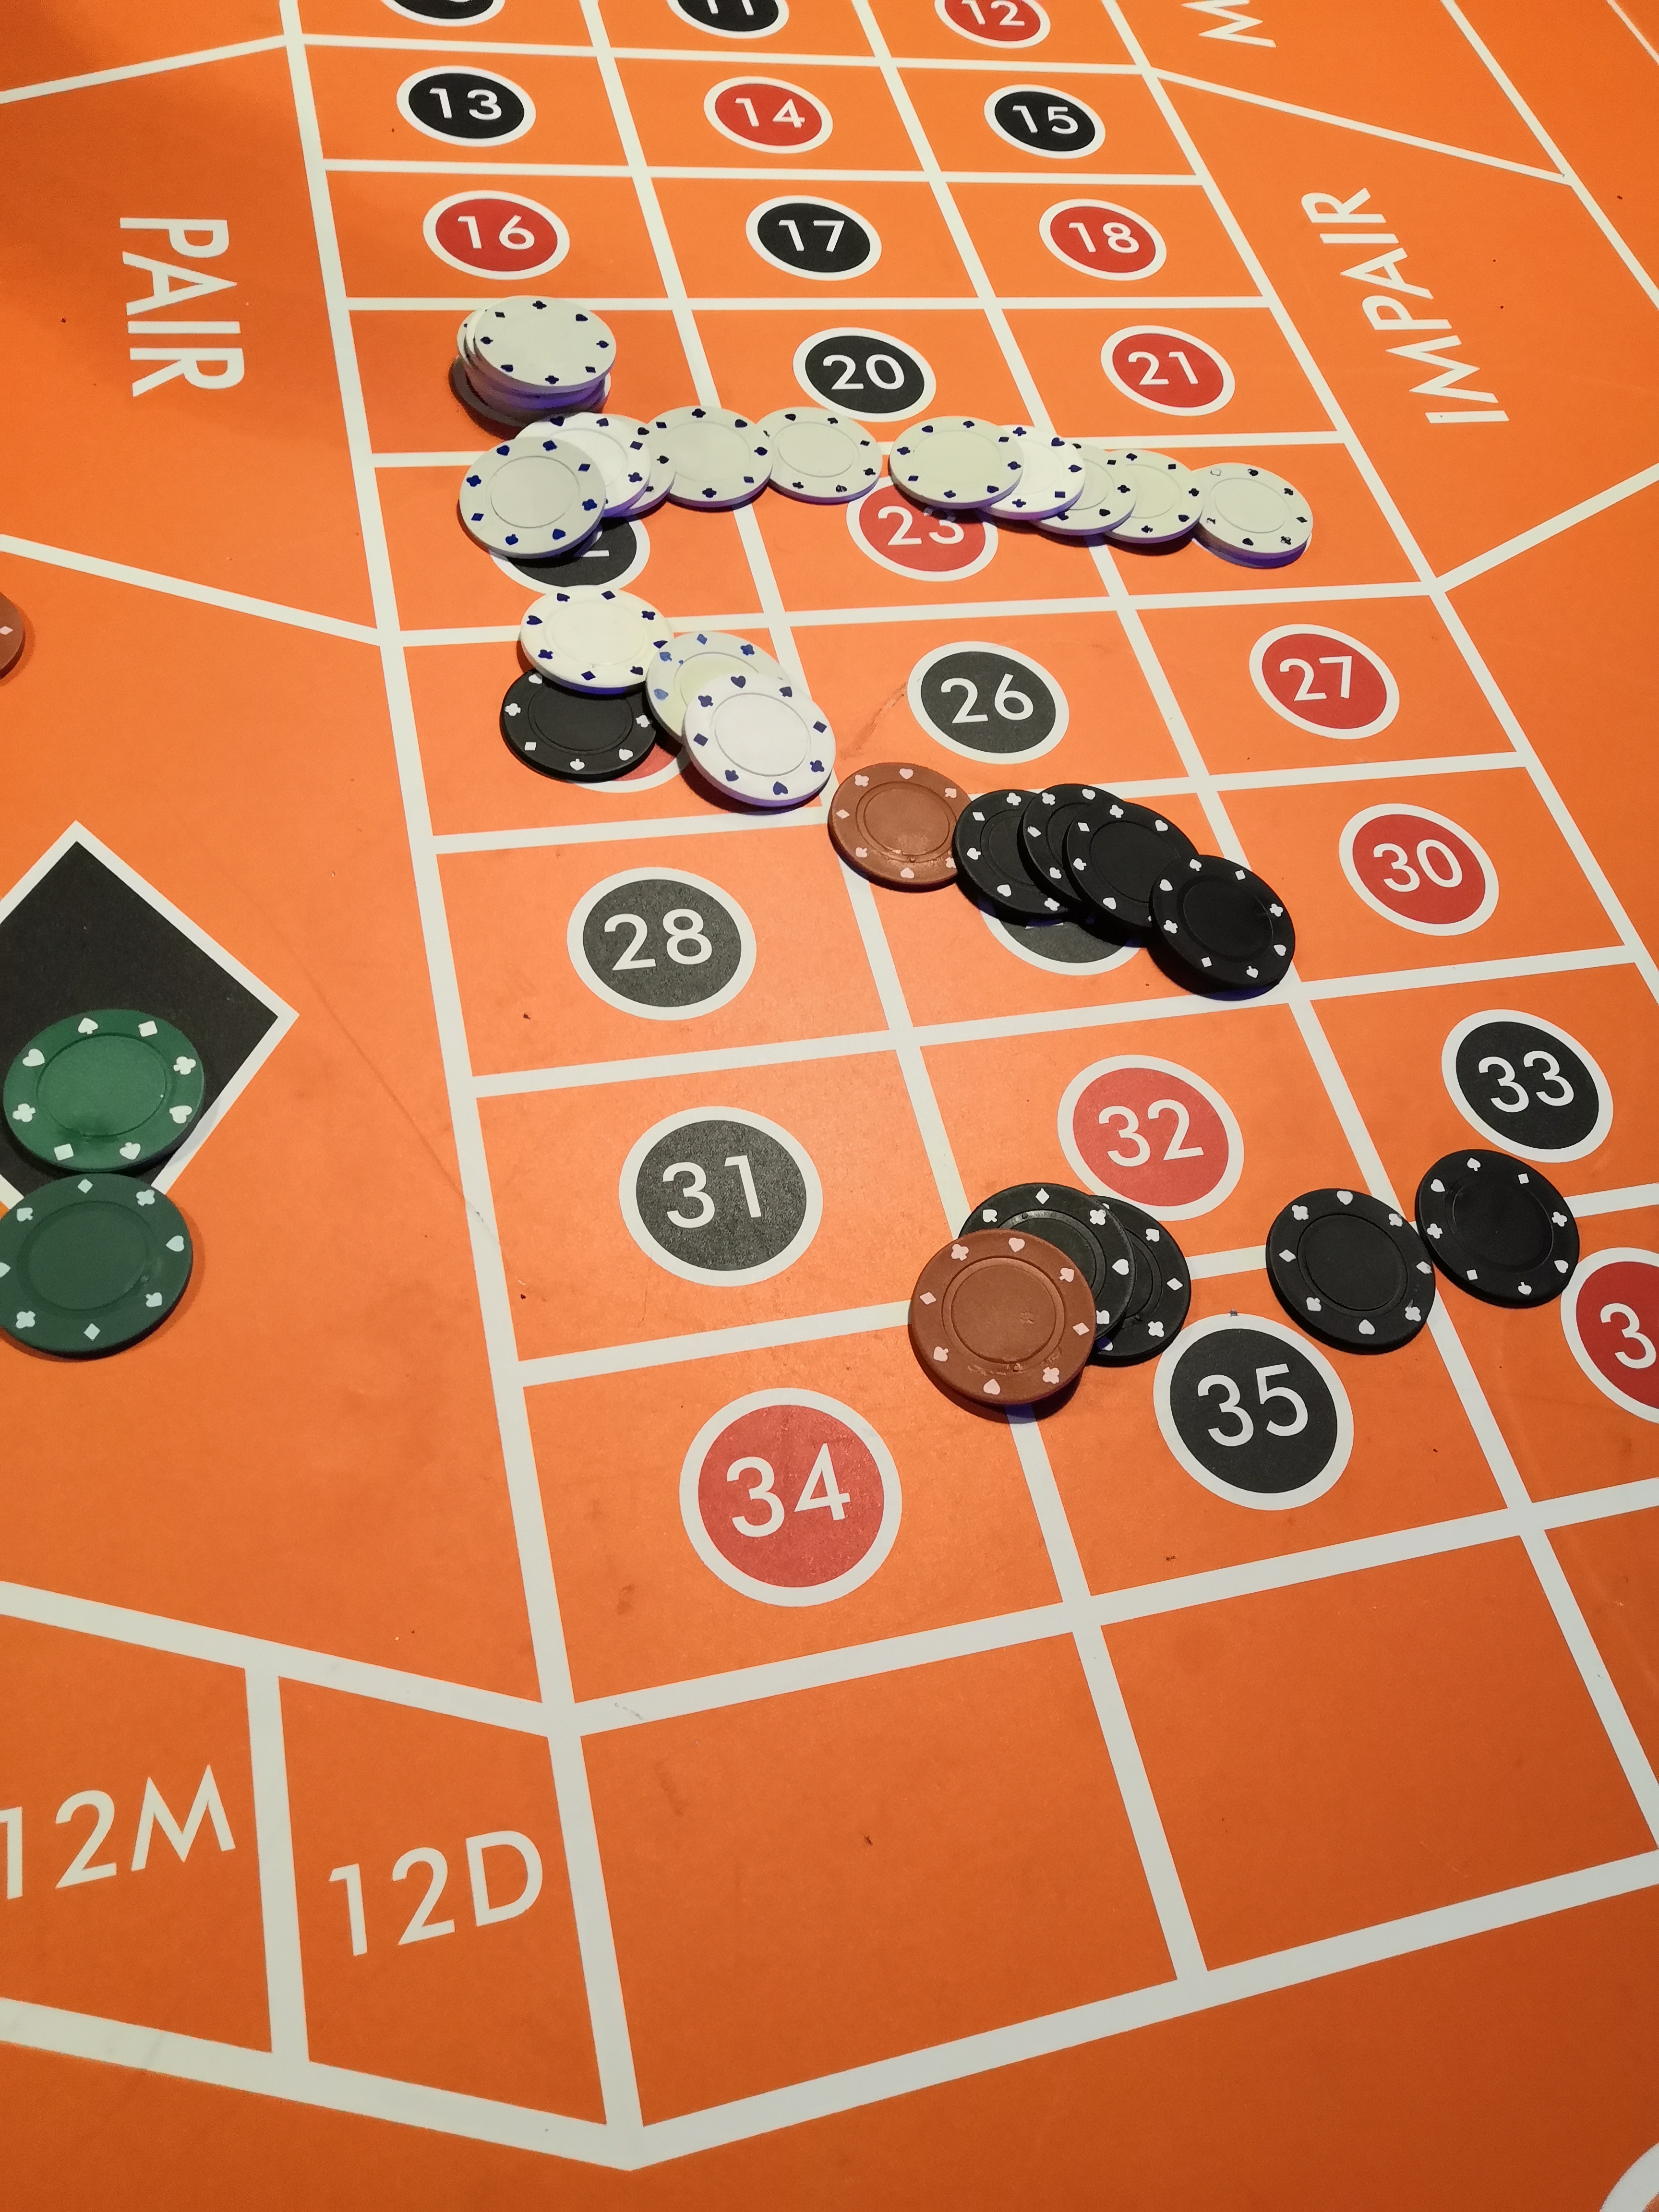 Le Martin's Casino